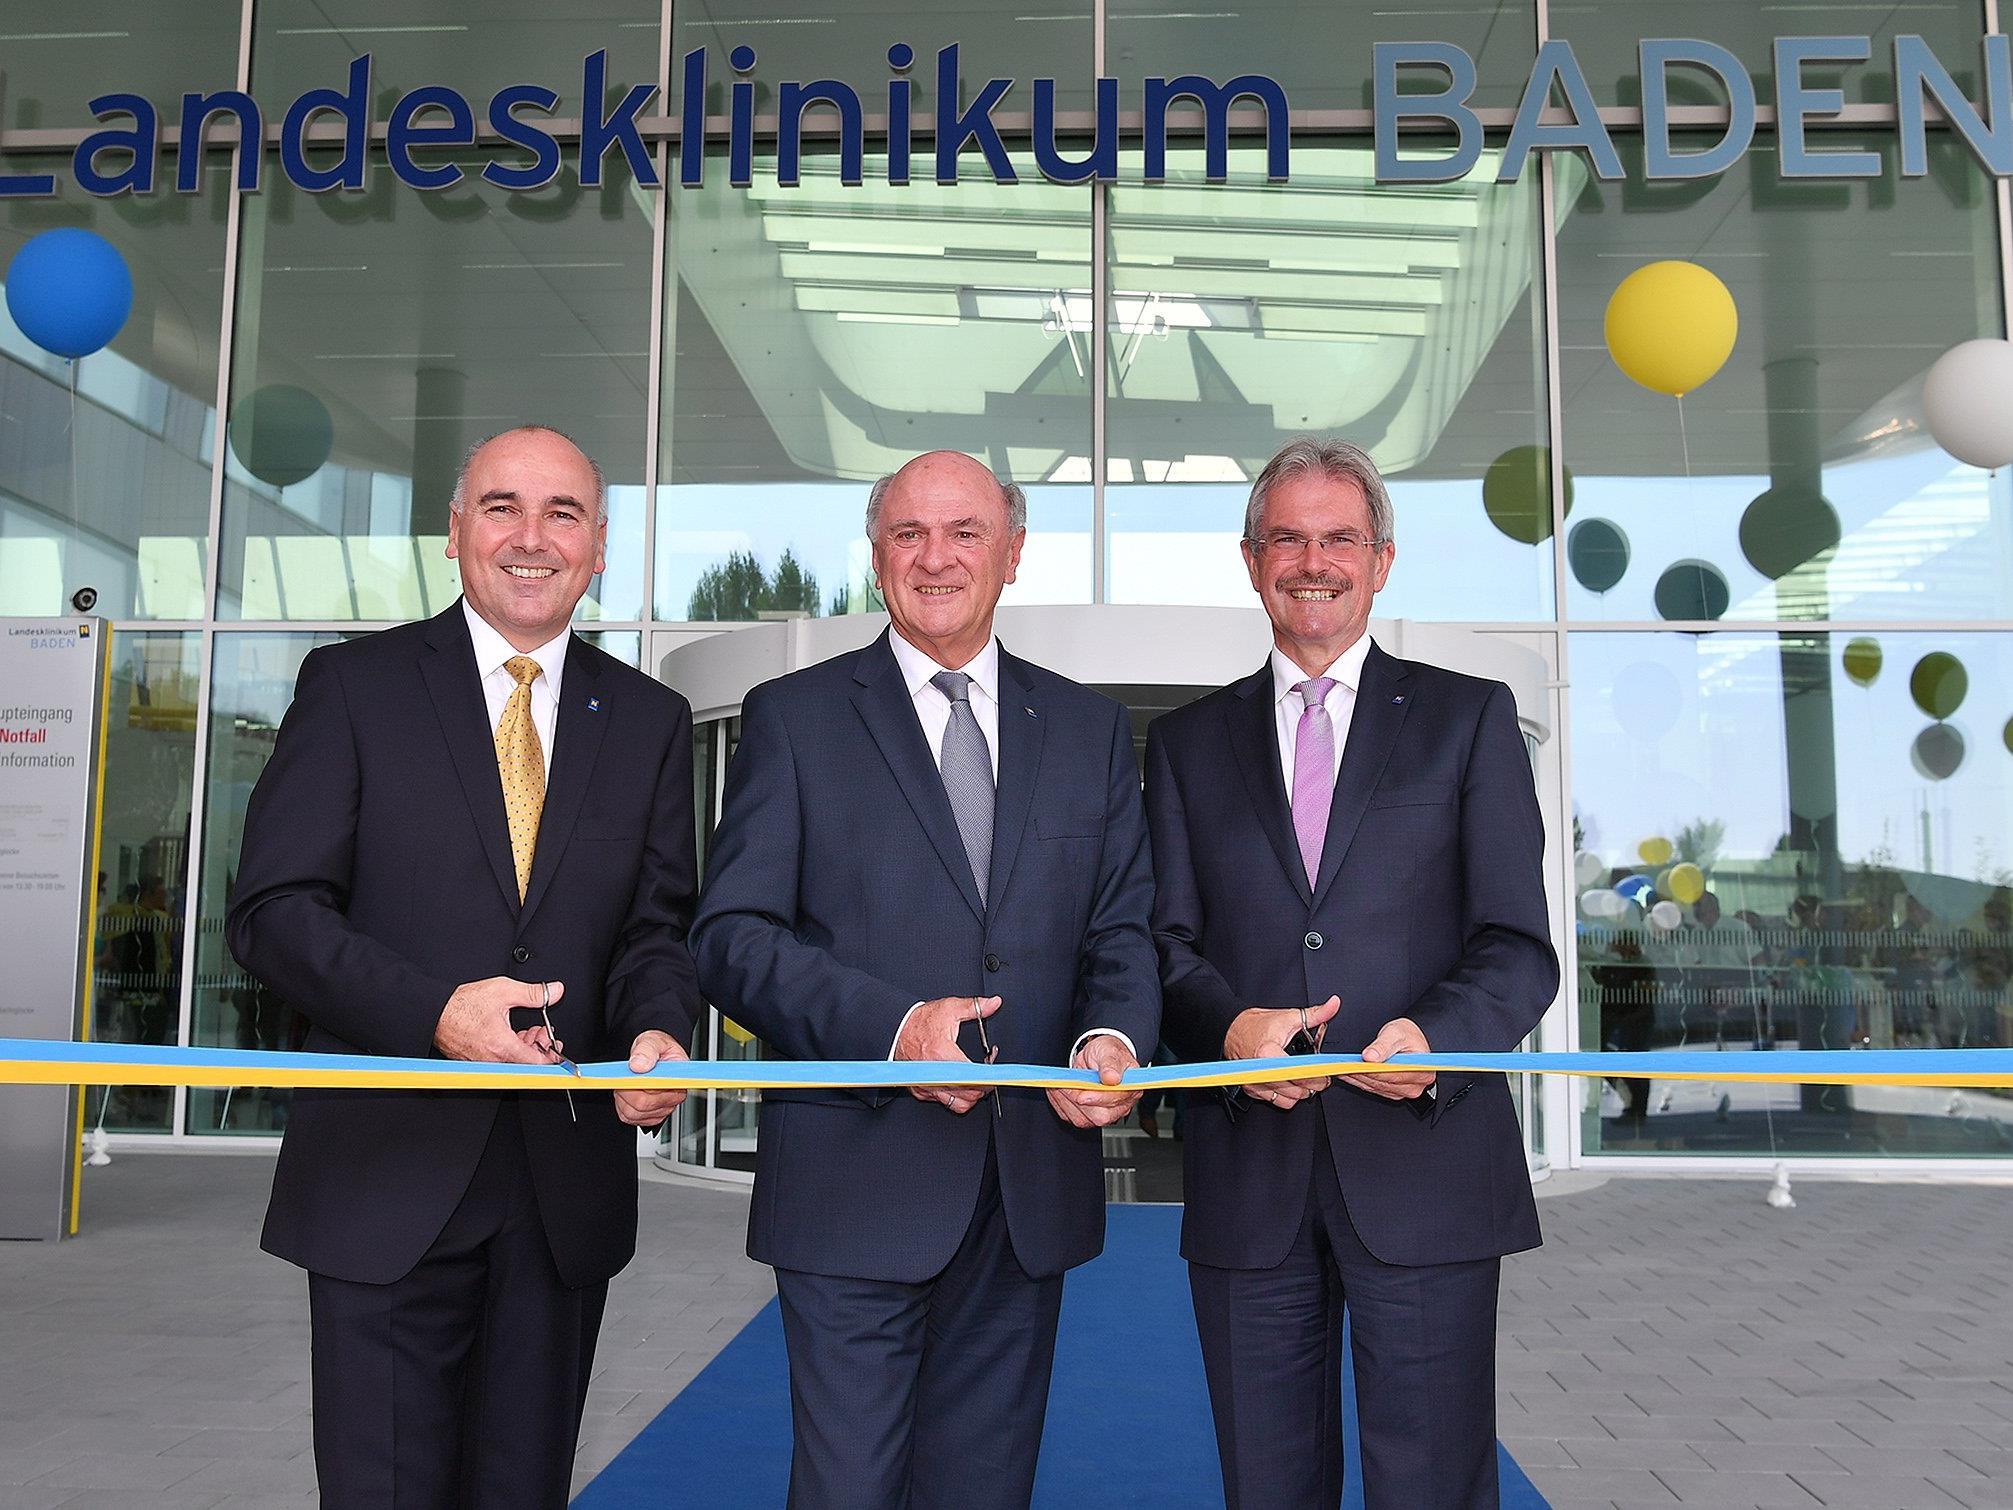 Am Montag wurde der Neubau des Landesklinikum Baden eröffnet.